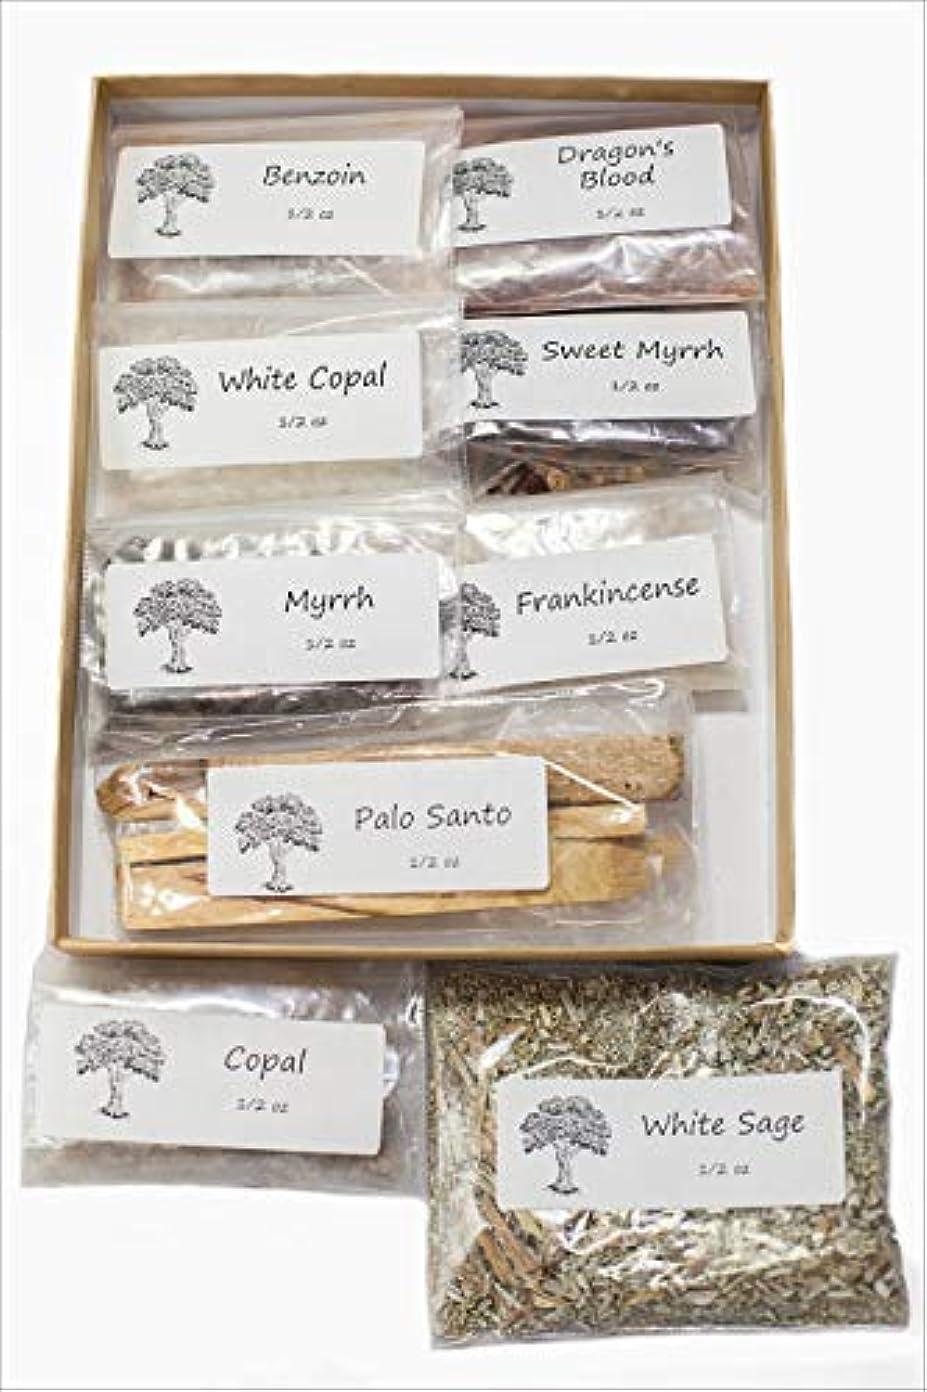 現代利用可能機関聖なる香り 樹脂製お香 バラエティサンプラーパック 1/2オンス 乳香 ミルラースウィートミルラ コーパル ホワイト Copal-Benzoin-Dragon's Blood-Ground ルーズリーフ ホワイトセージ